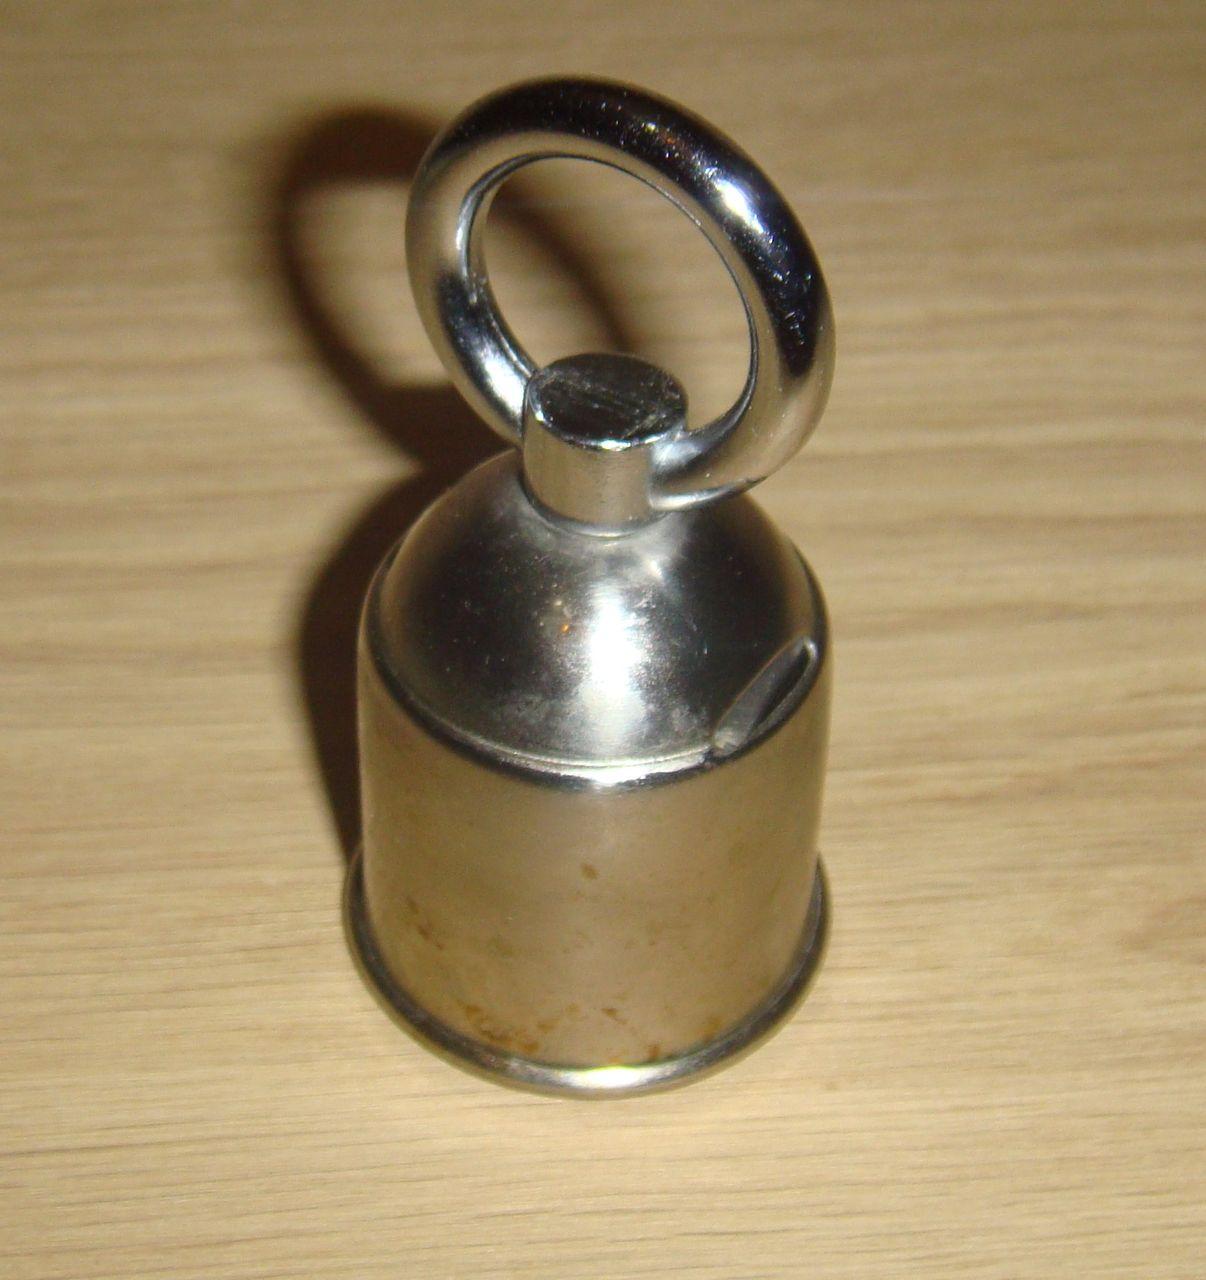 Как сделать свисток для чайника в крышке